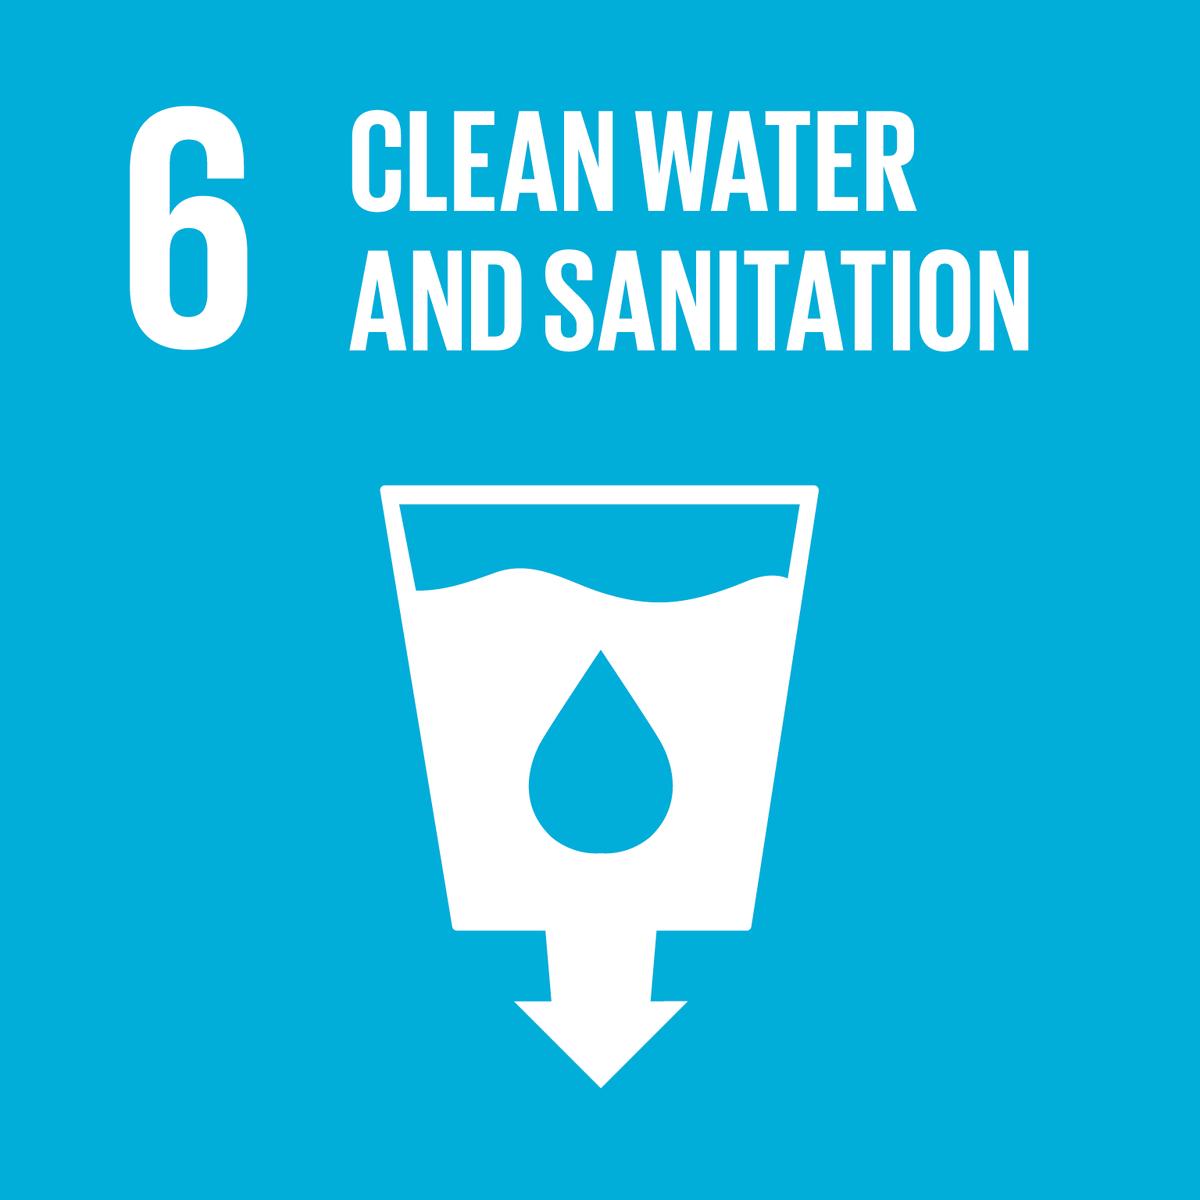 Icon Clean water and sanitation con bicchiere d'acqua e freccia verso il basso